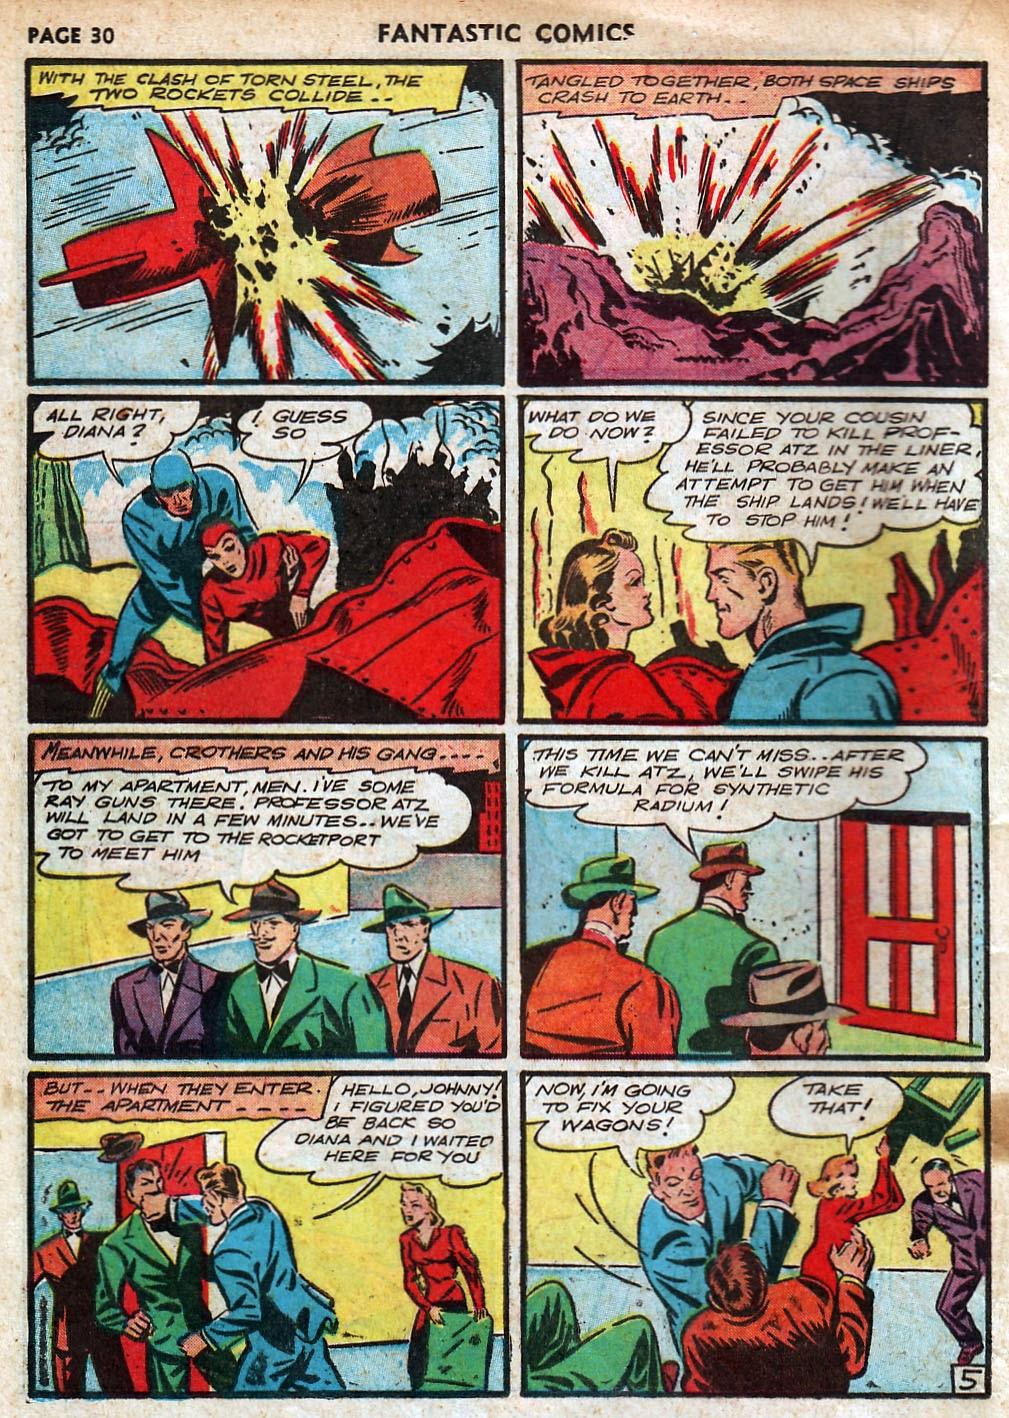 Read online Fantastic Comics comic -  Issue #18 - 32